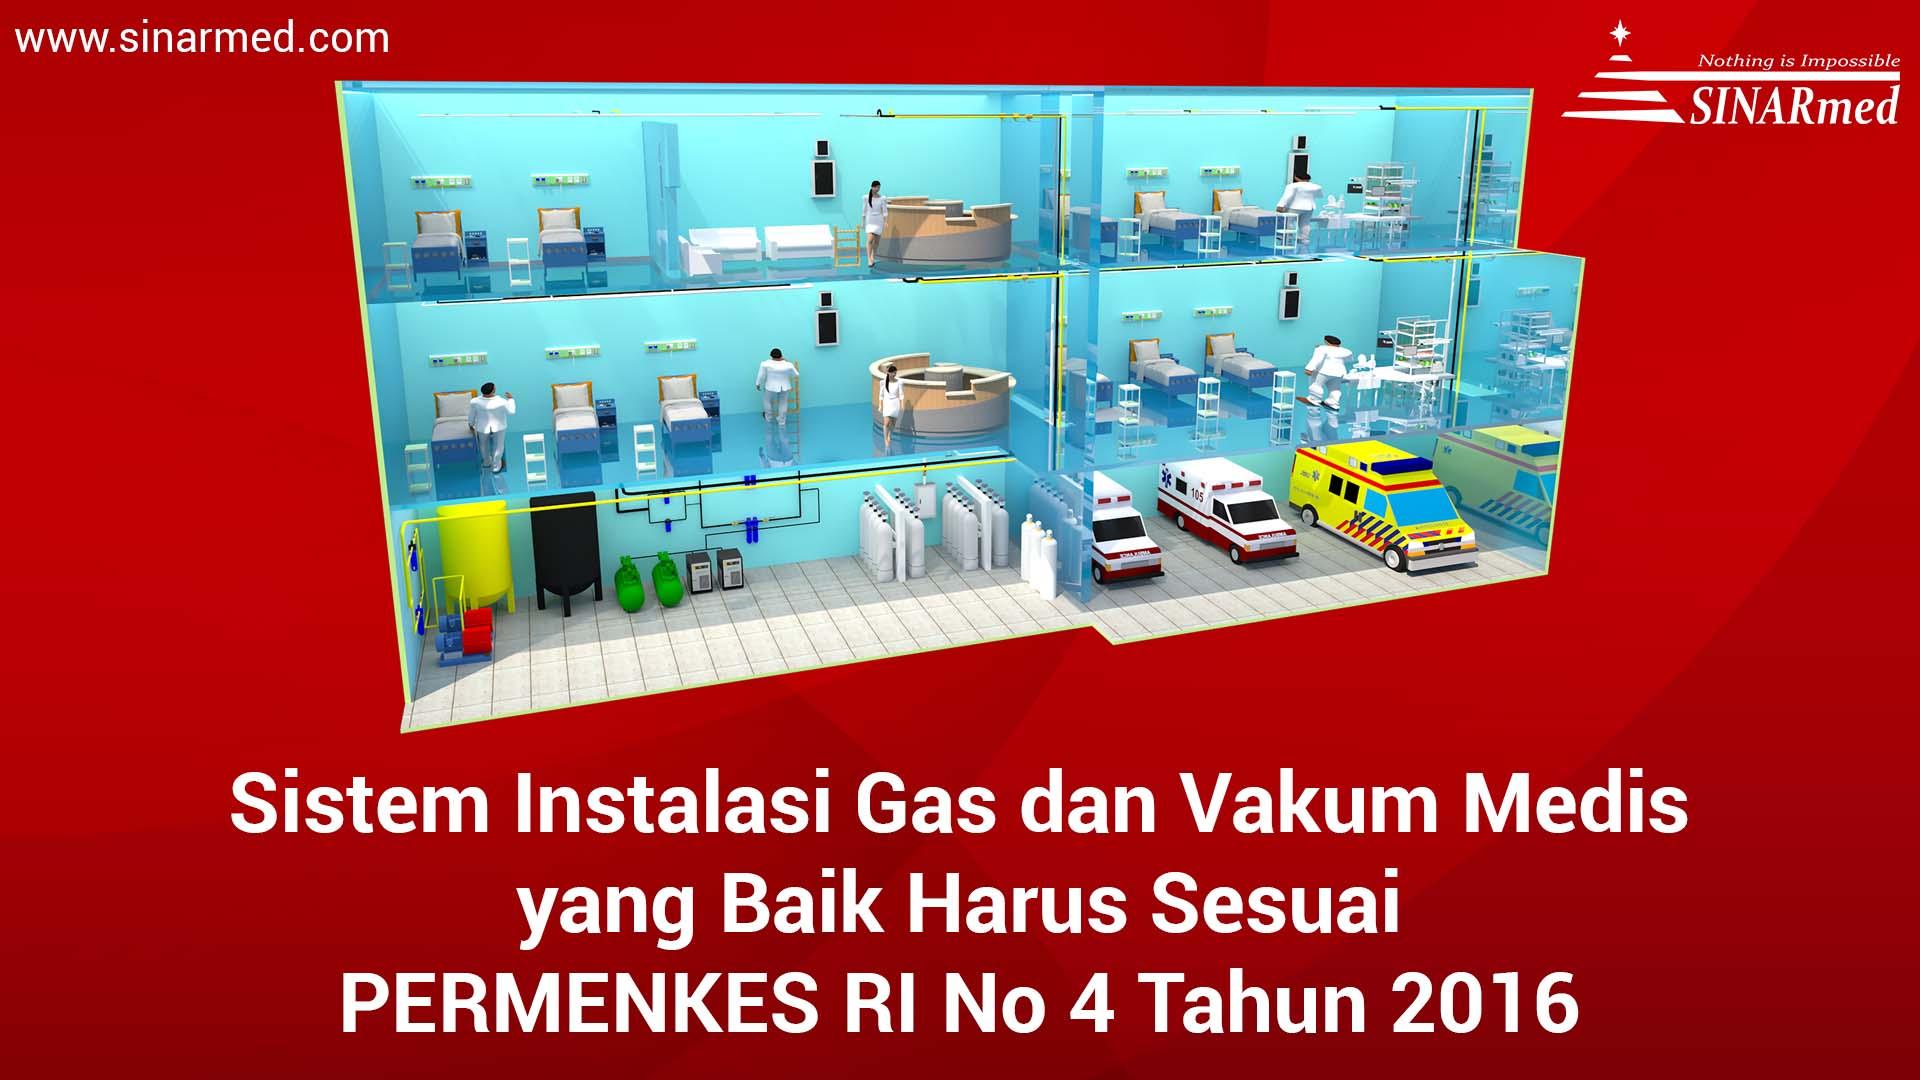 Instalasi Gas Medis yang baik harus sesuai PERMENKES RI No 4 Tahun 2016